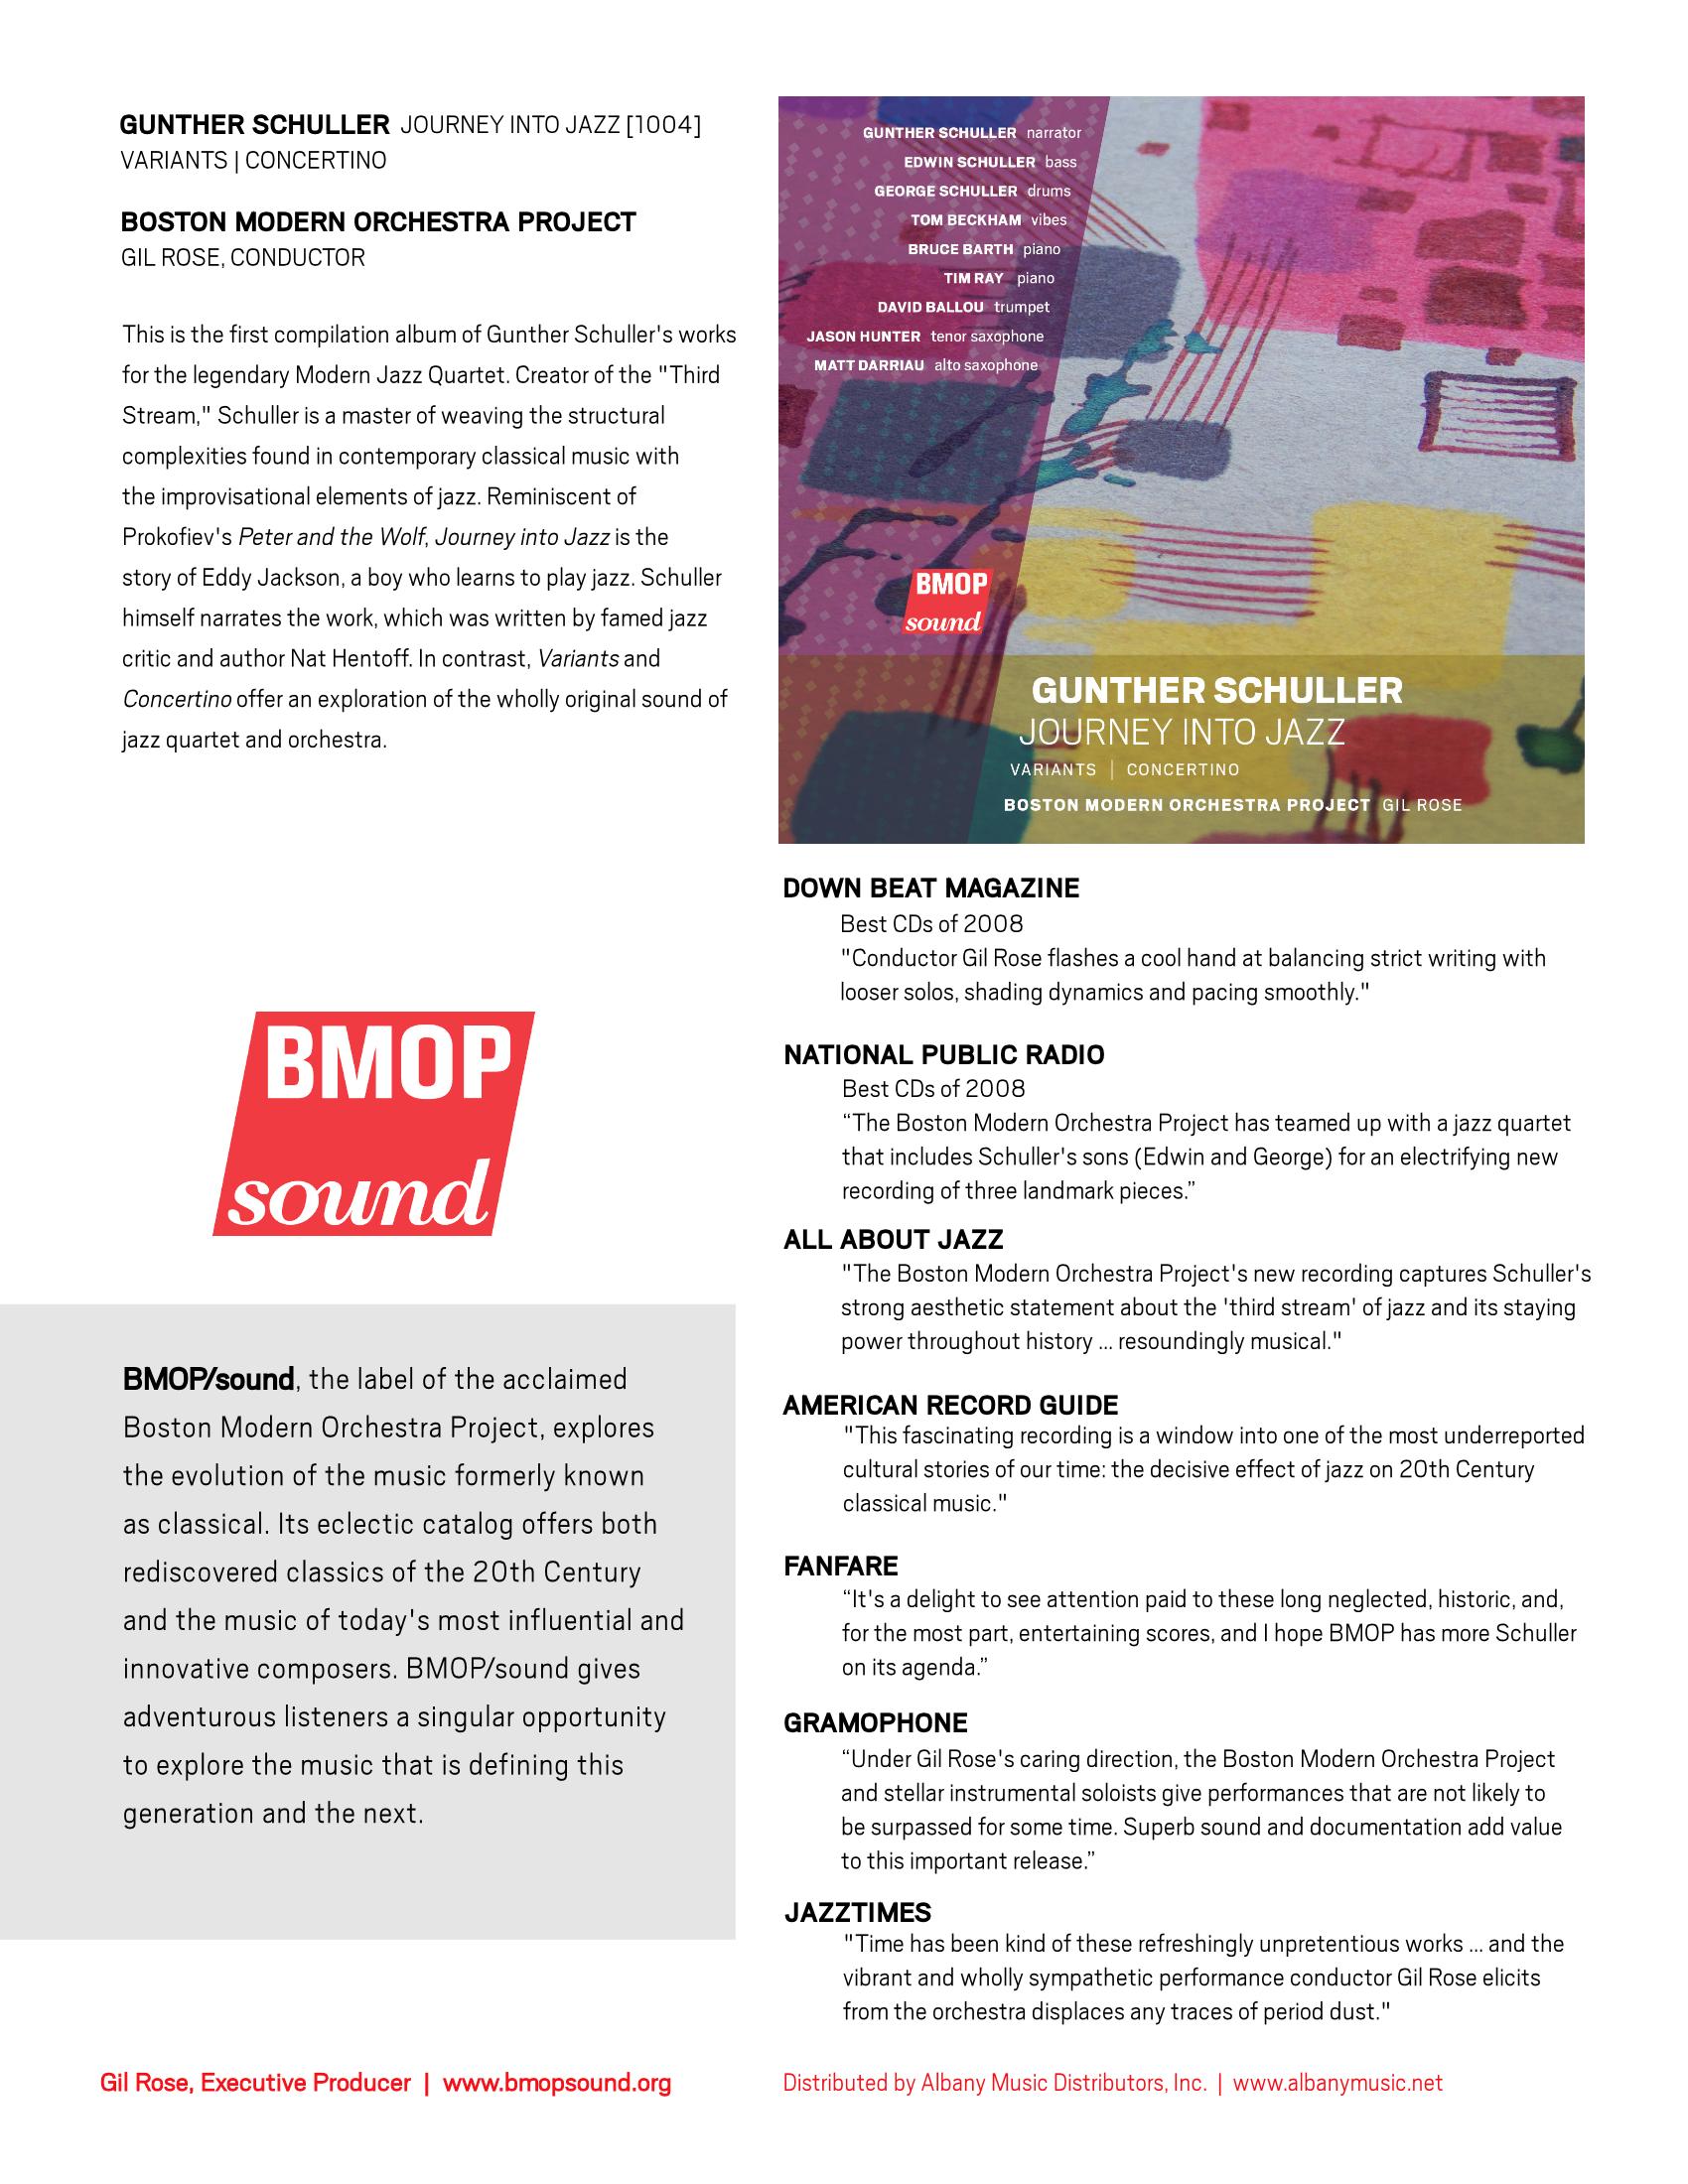 Schuller - BMOPsound 1004 one-sheet.png